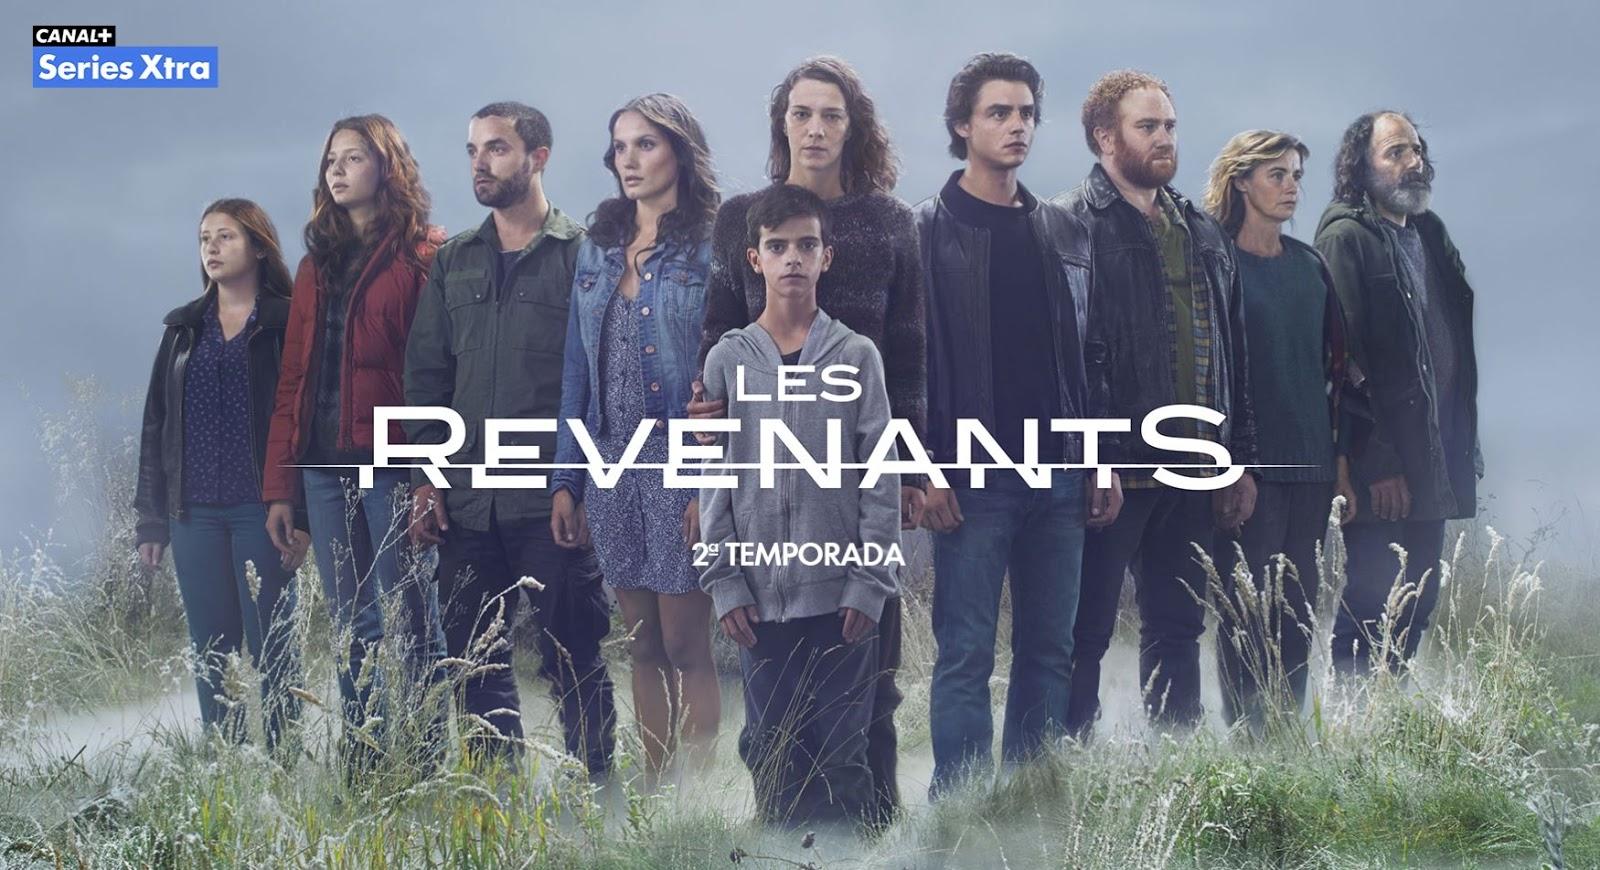 Cartel de la temporada 2 de Les revenants